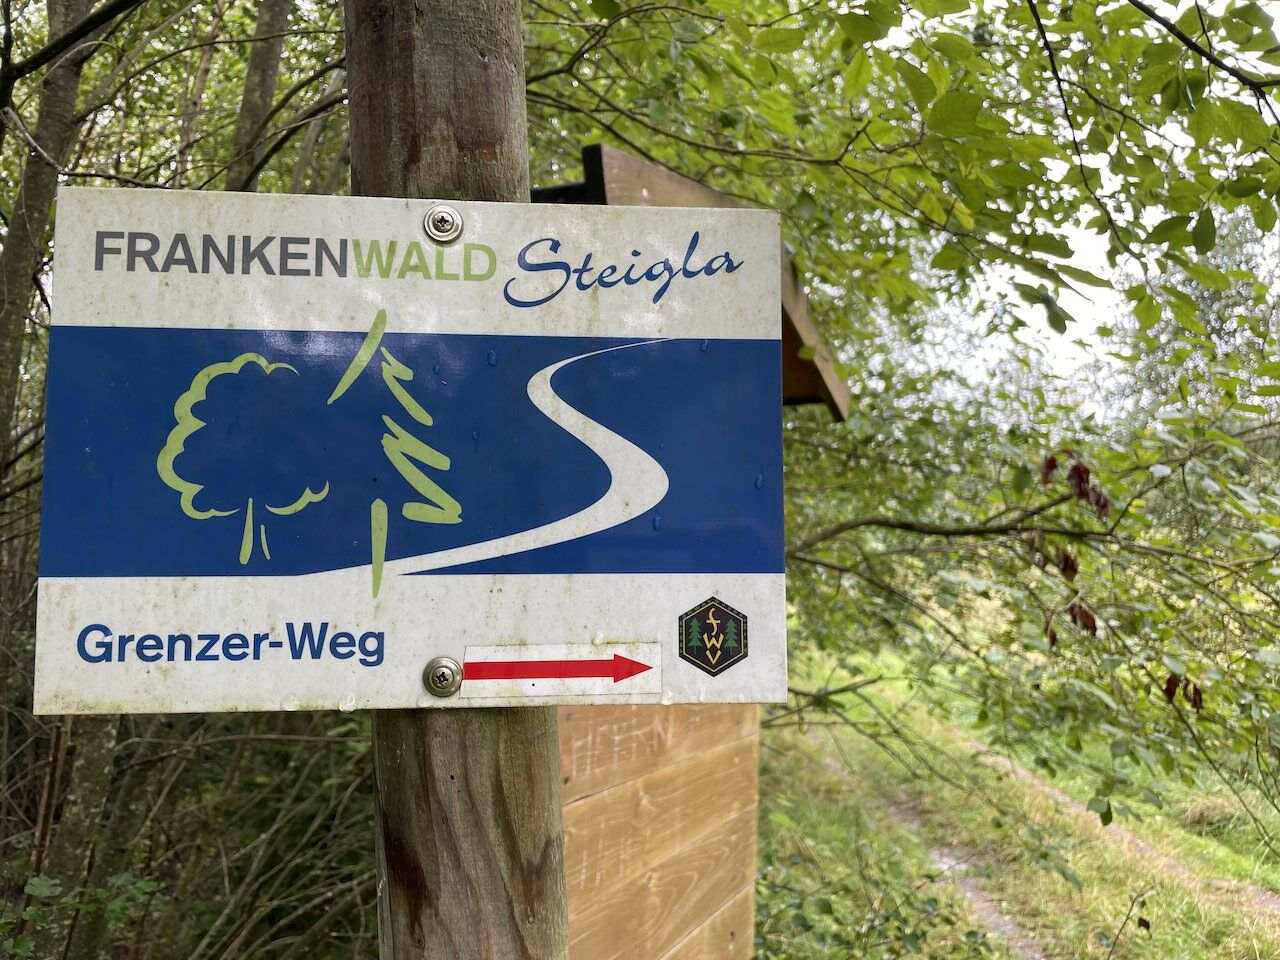 Frankenwald 6